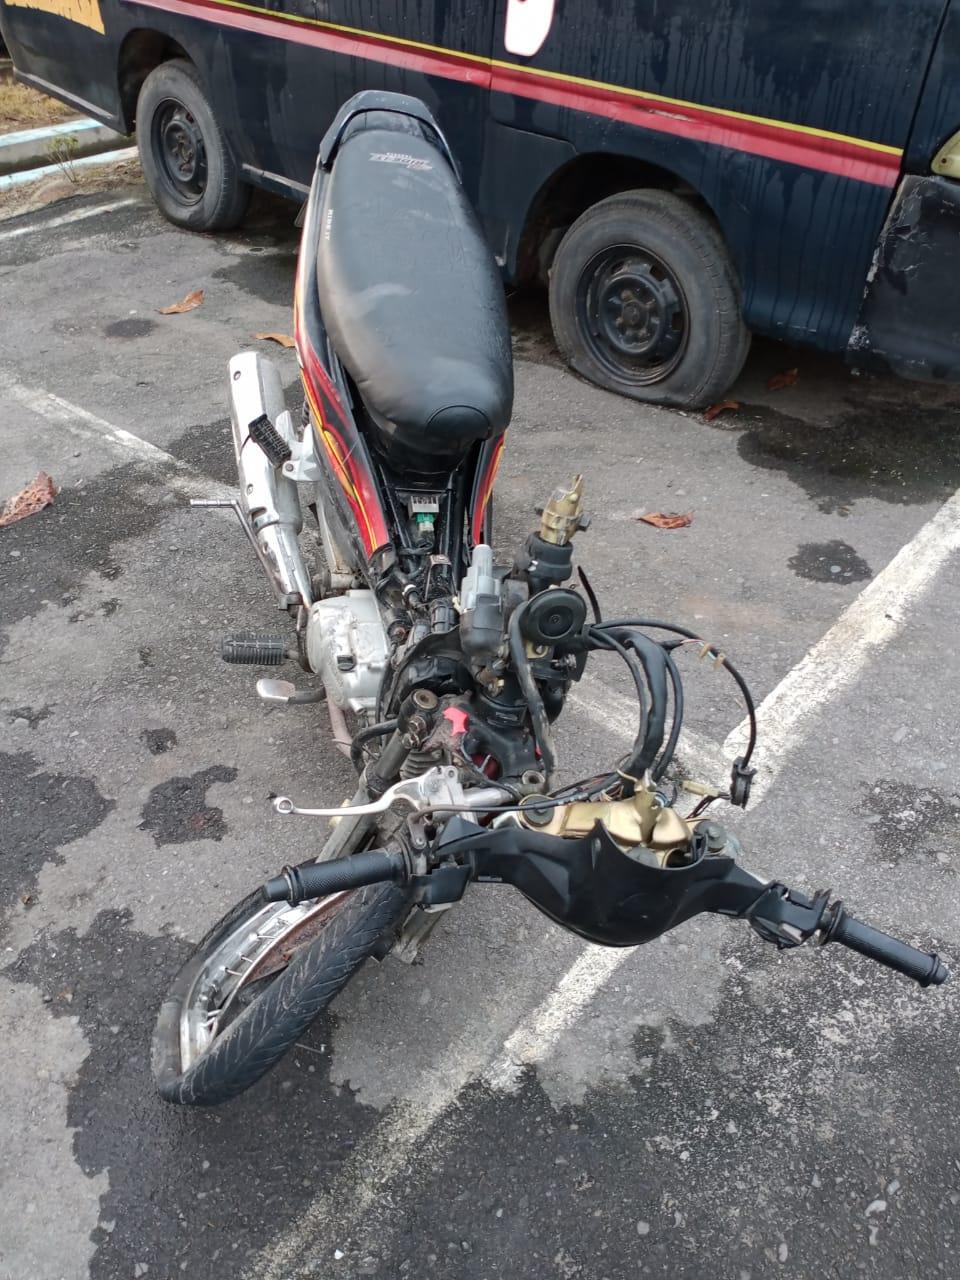 Laka Lantas Di Sergai, Seorang Pengendara Sepeda Motor Tewas